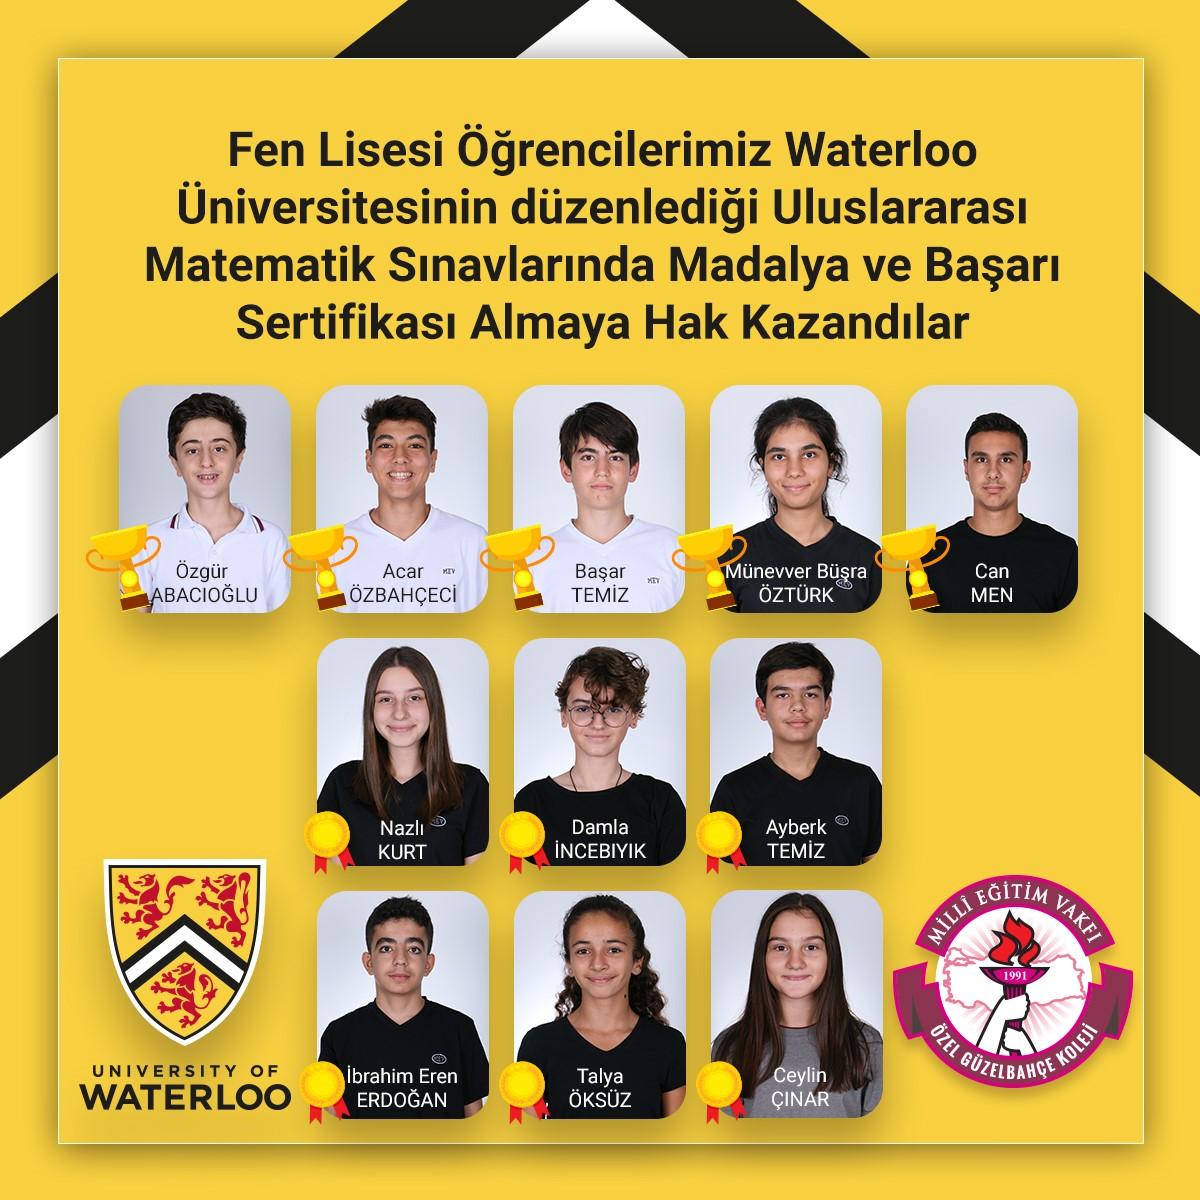 Öğrencilerimiz Waterloo Üniversitesinin Düzenlediği Uluslararası Matematik Sınavlarında Madalya ve Başarı Sertifikası Almaya Hak Kazandılar